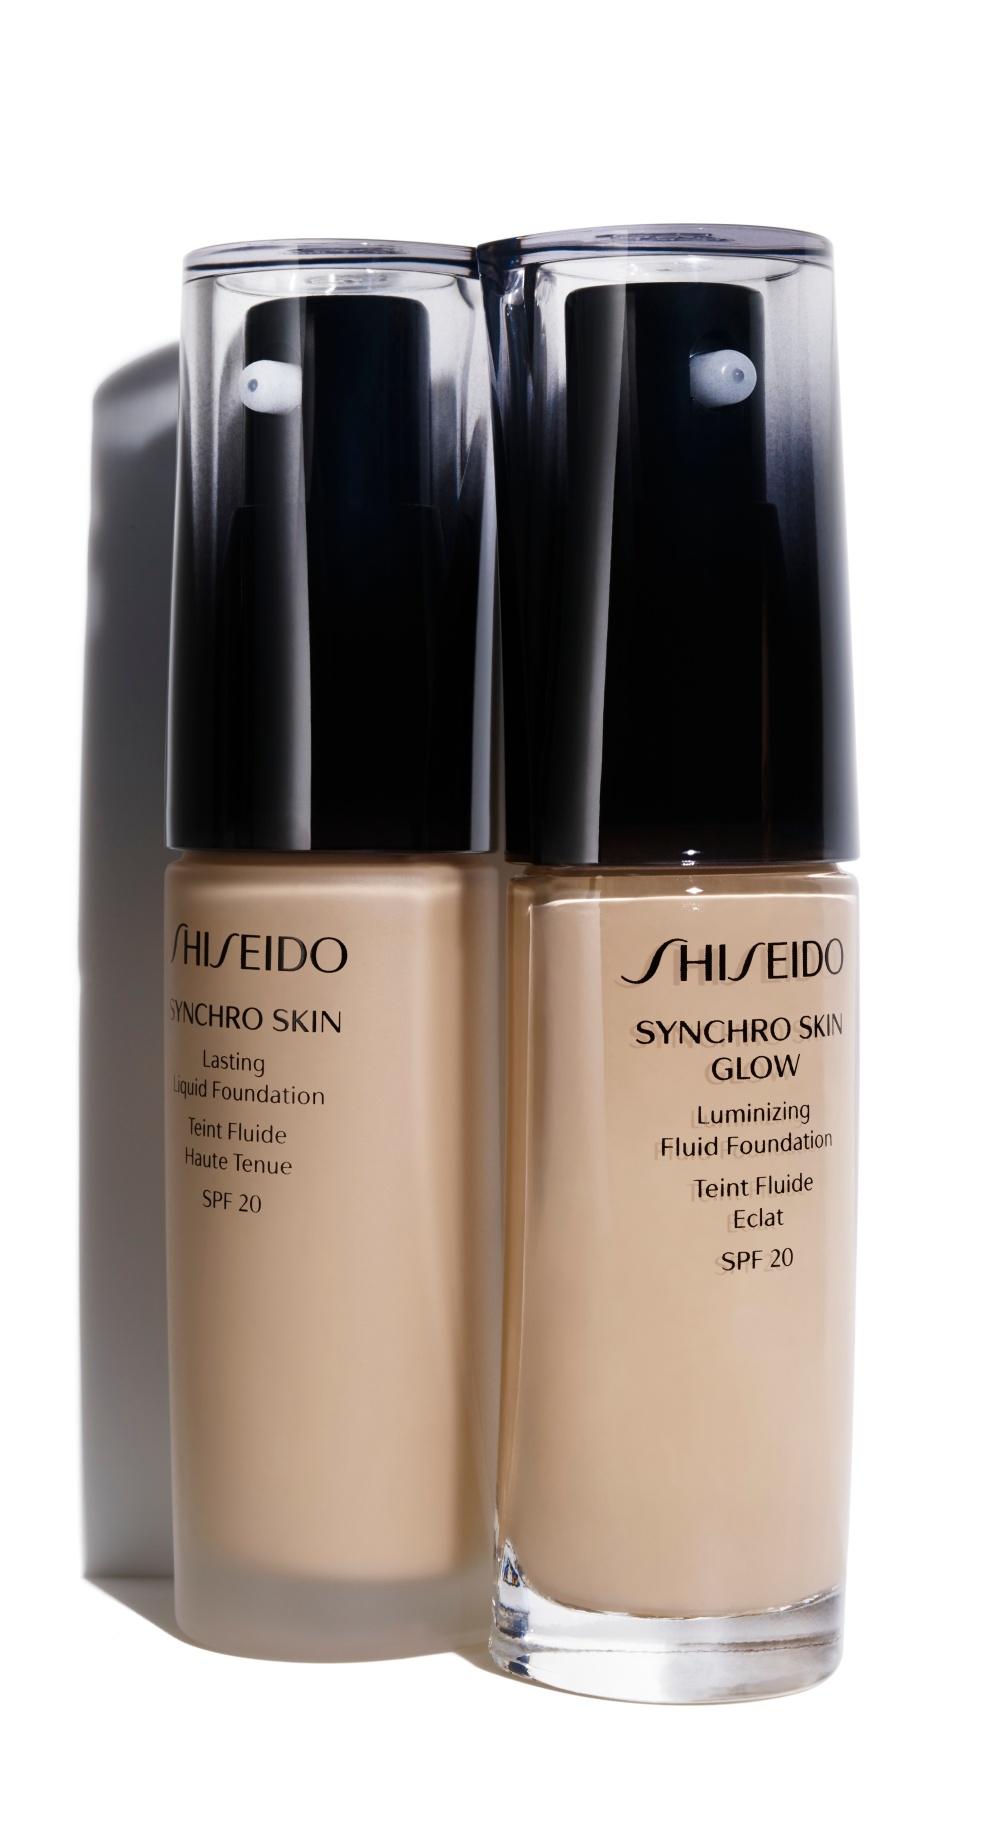 shiseido-synchro-skin-glow-foundation-e48